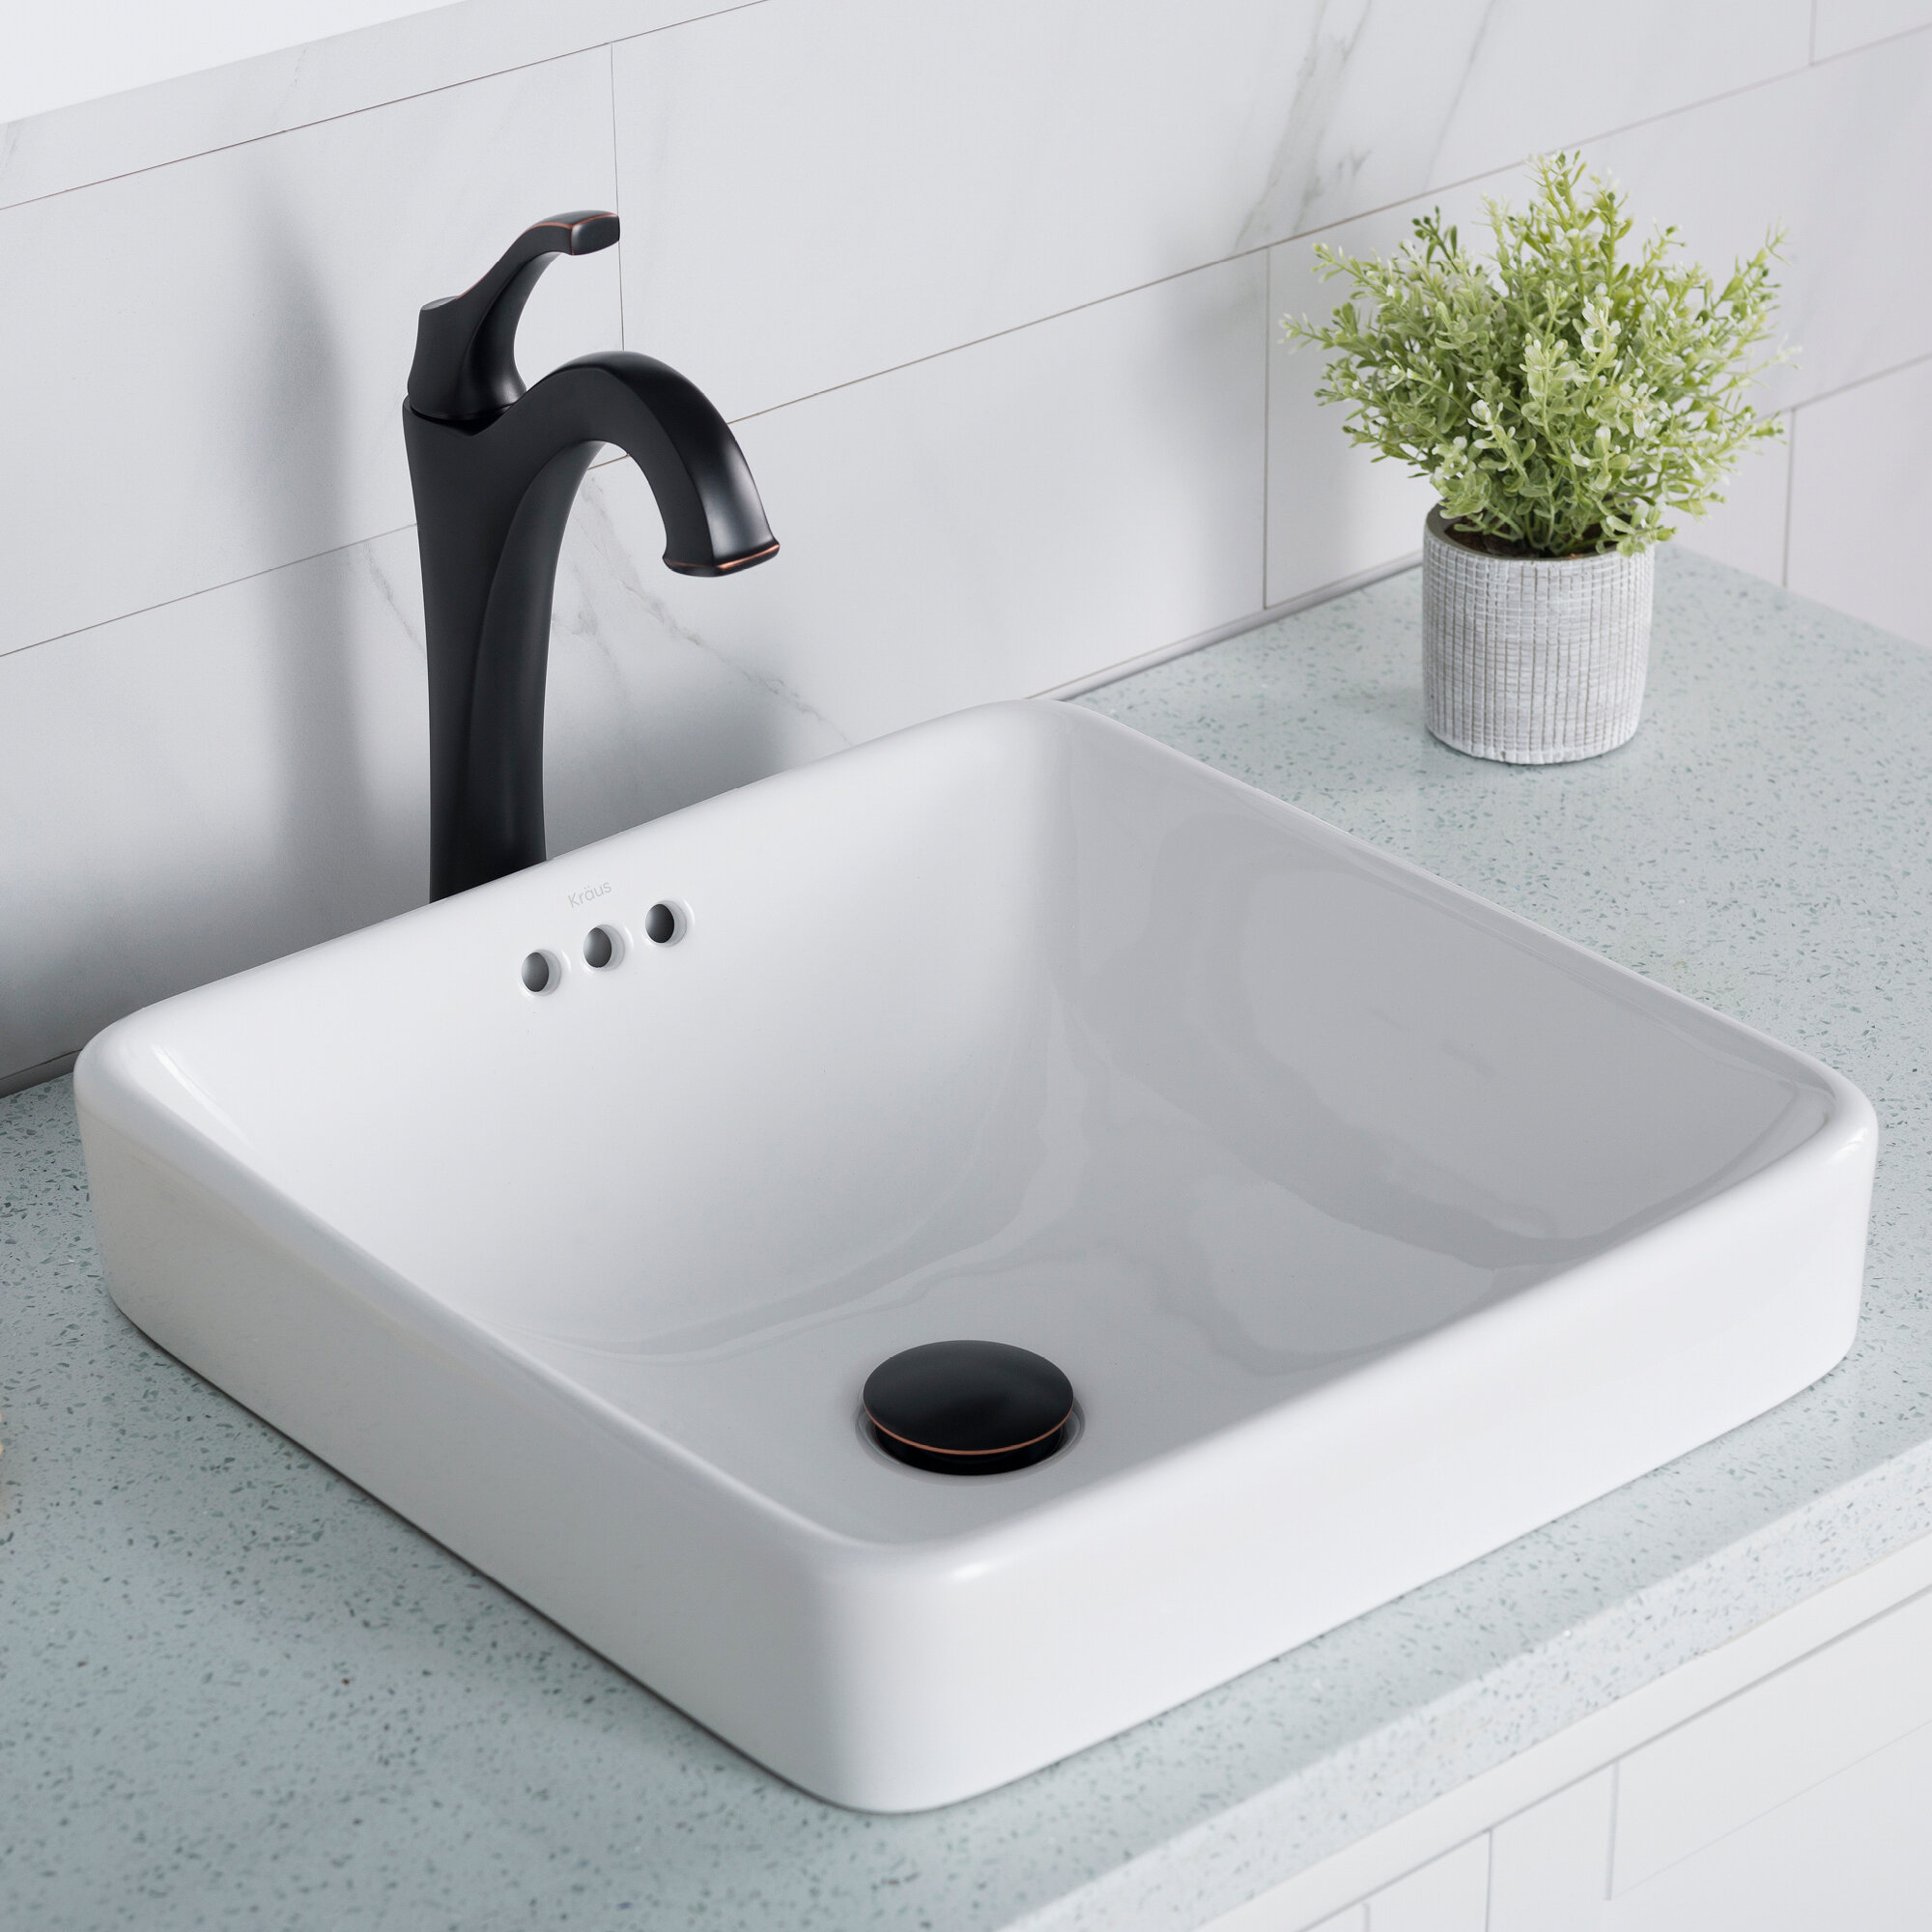 Elavo Ceramic Square Semi Recessed Bathroom Sink With Overflow